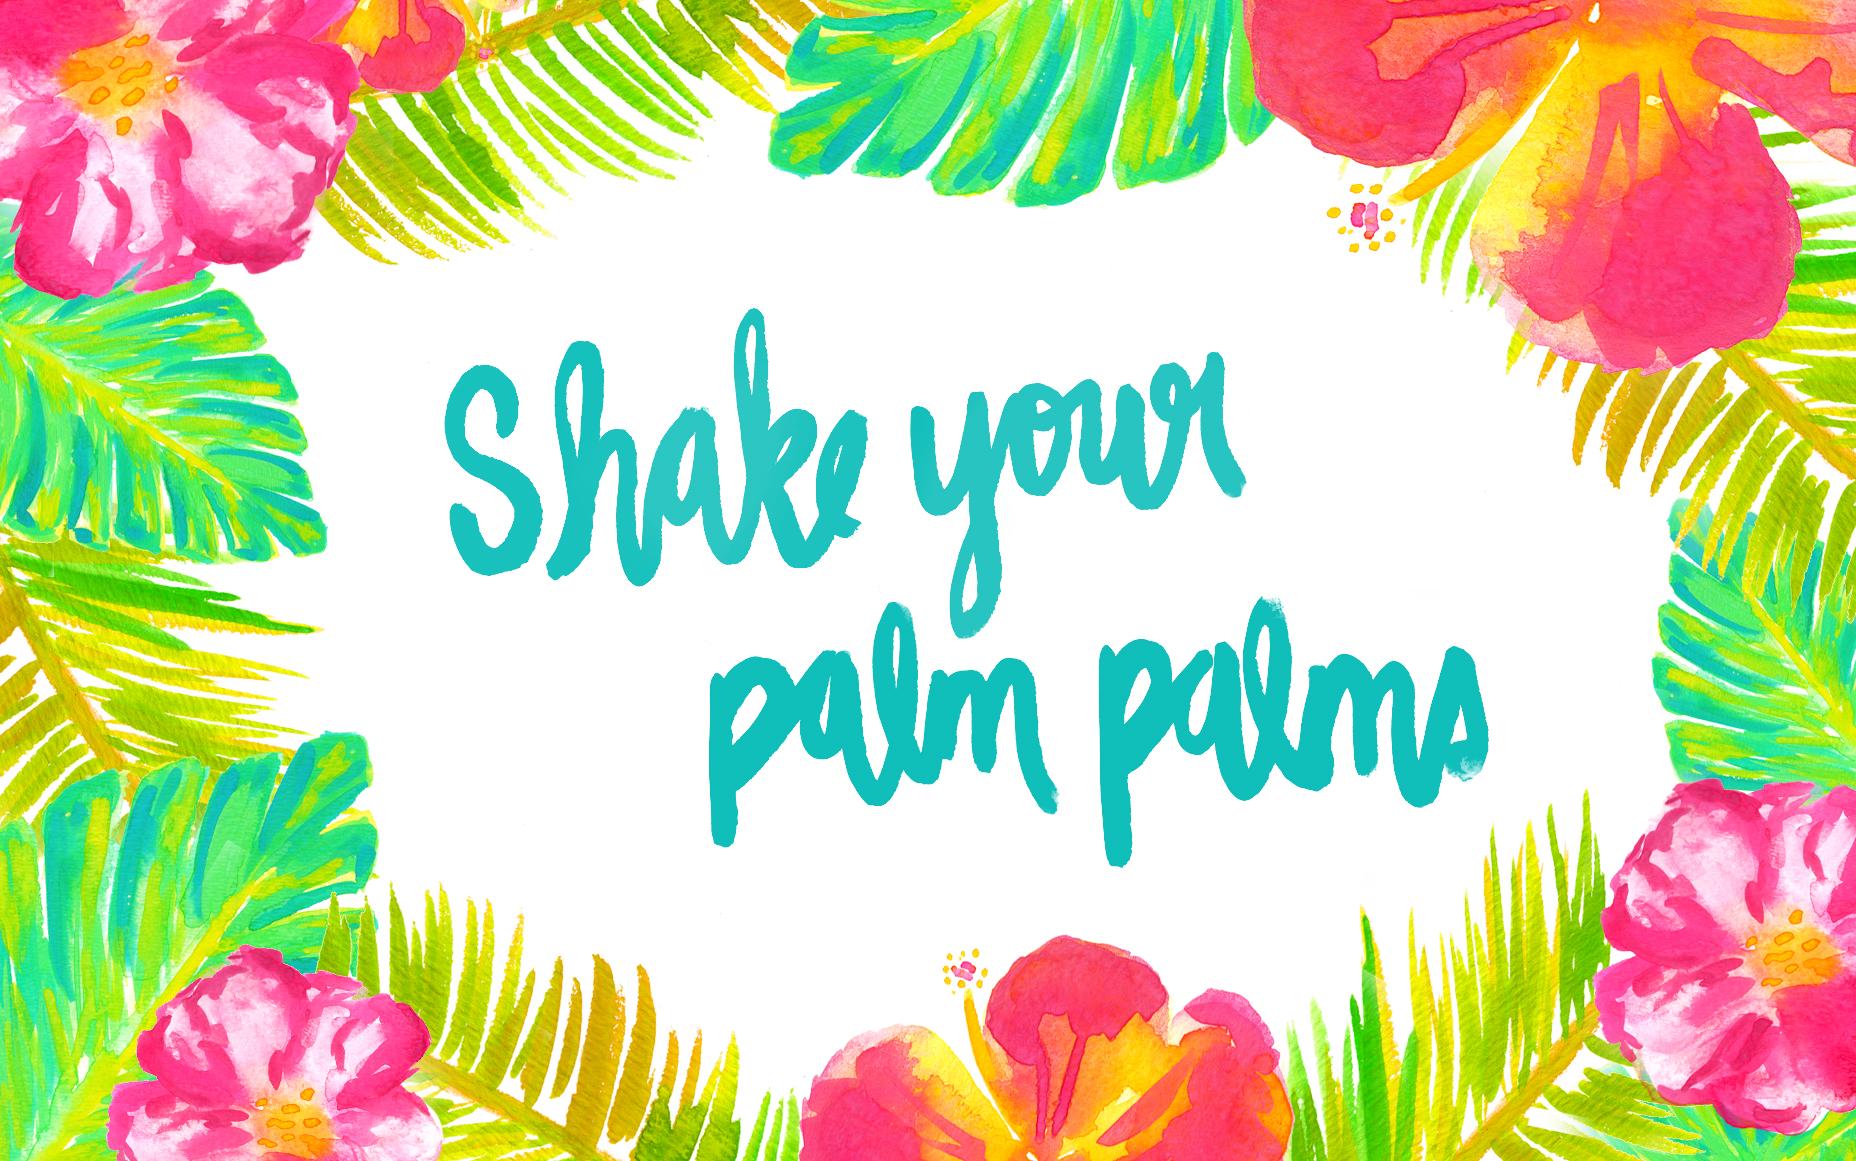 Shake Your Palm Palms Desktop Wallpaper